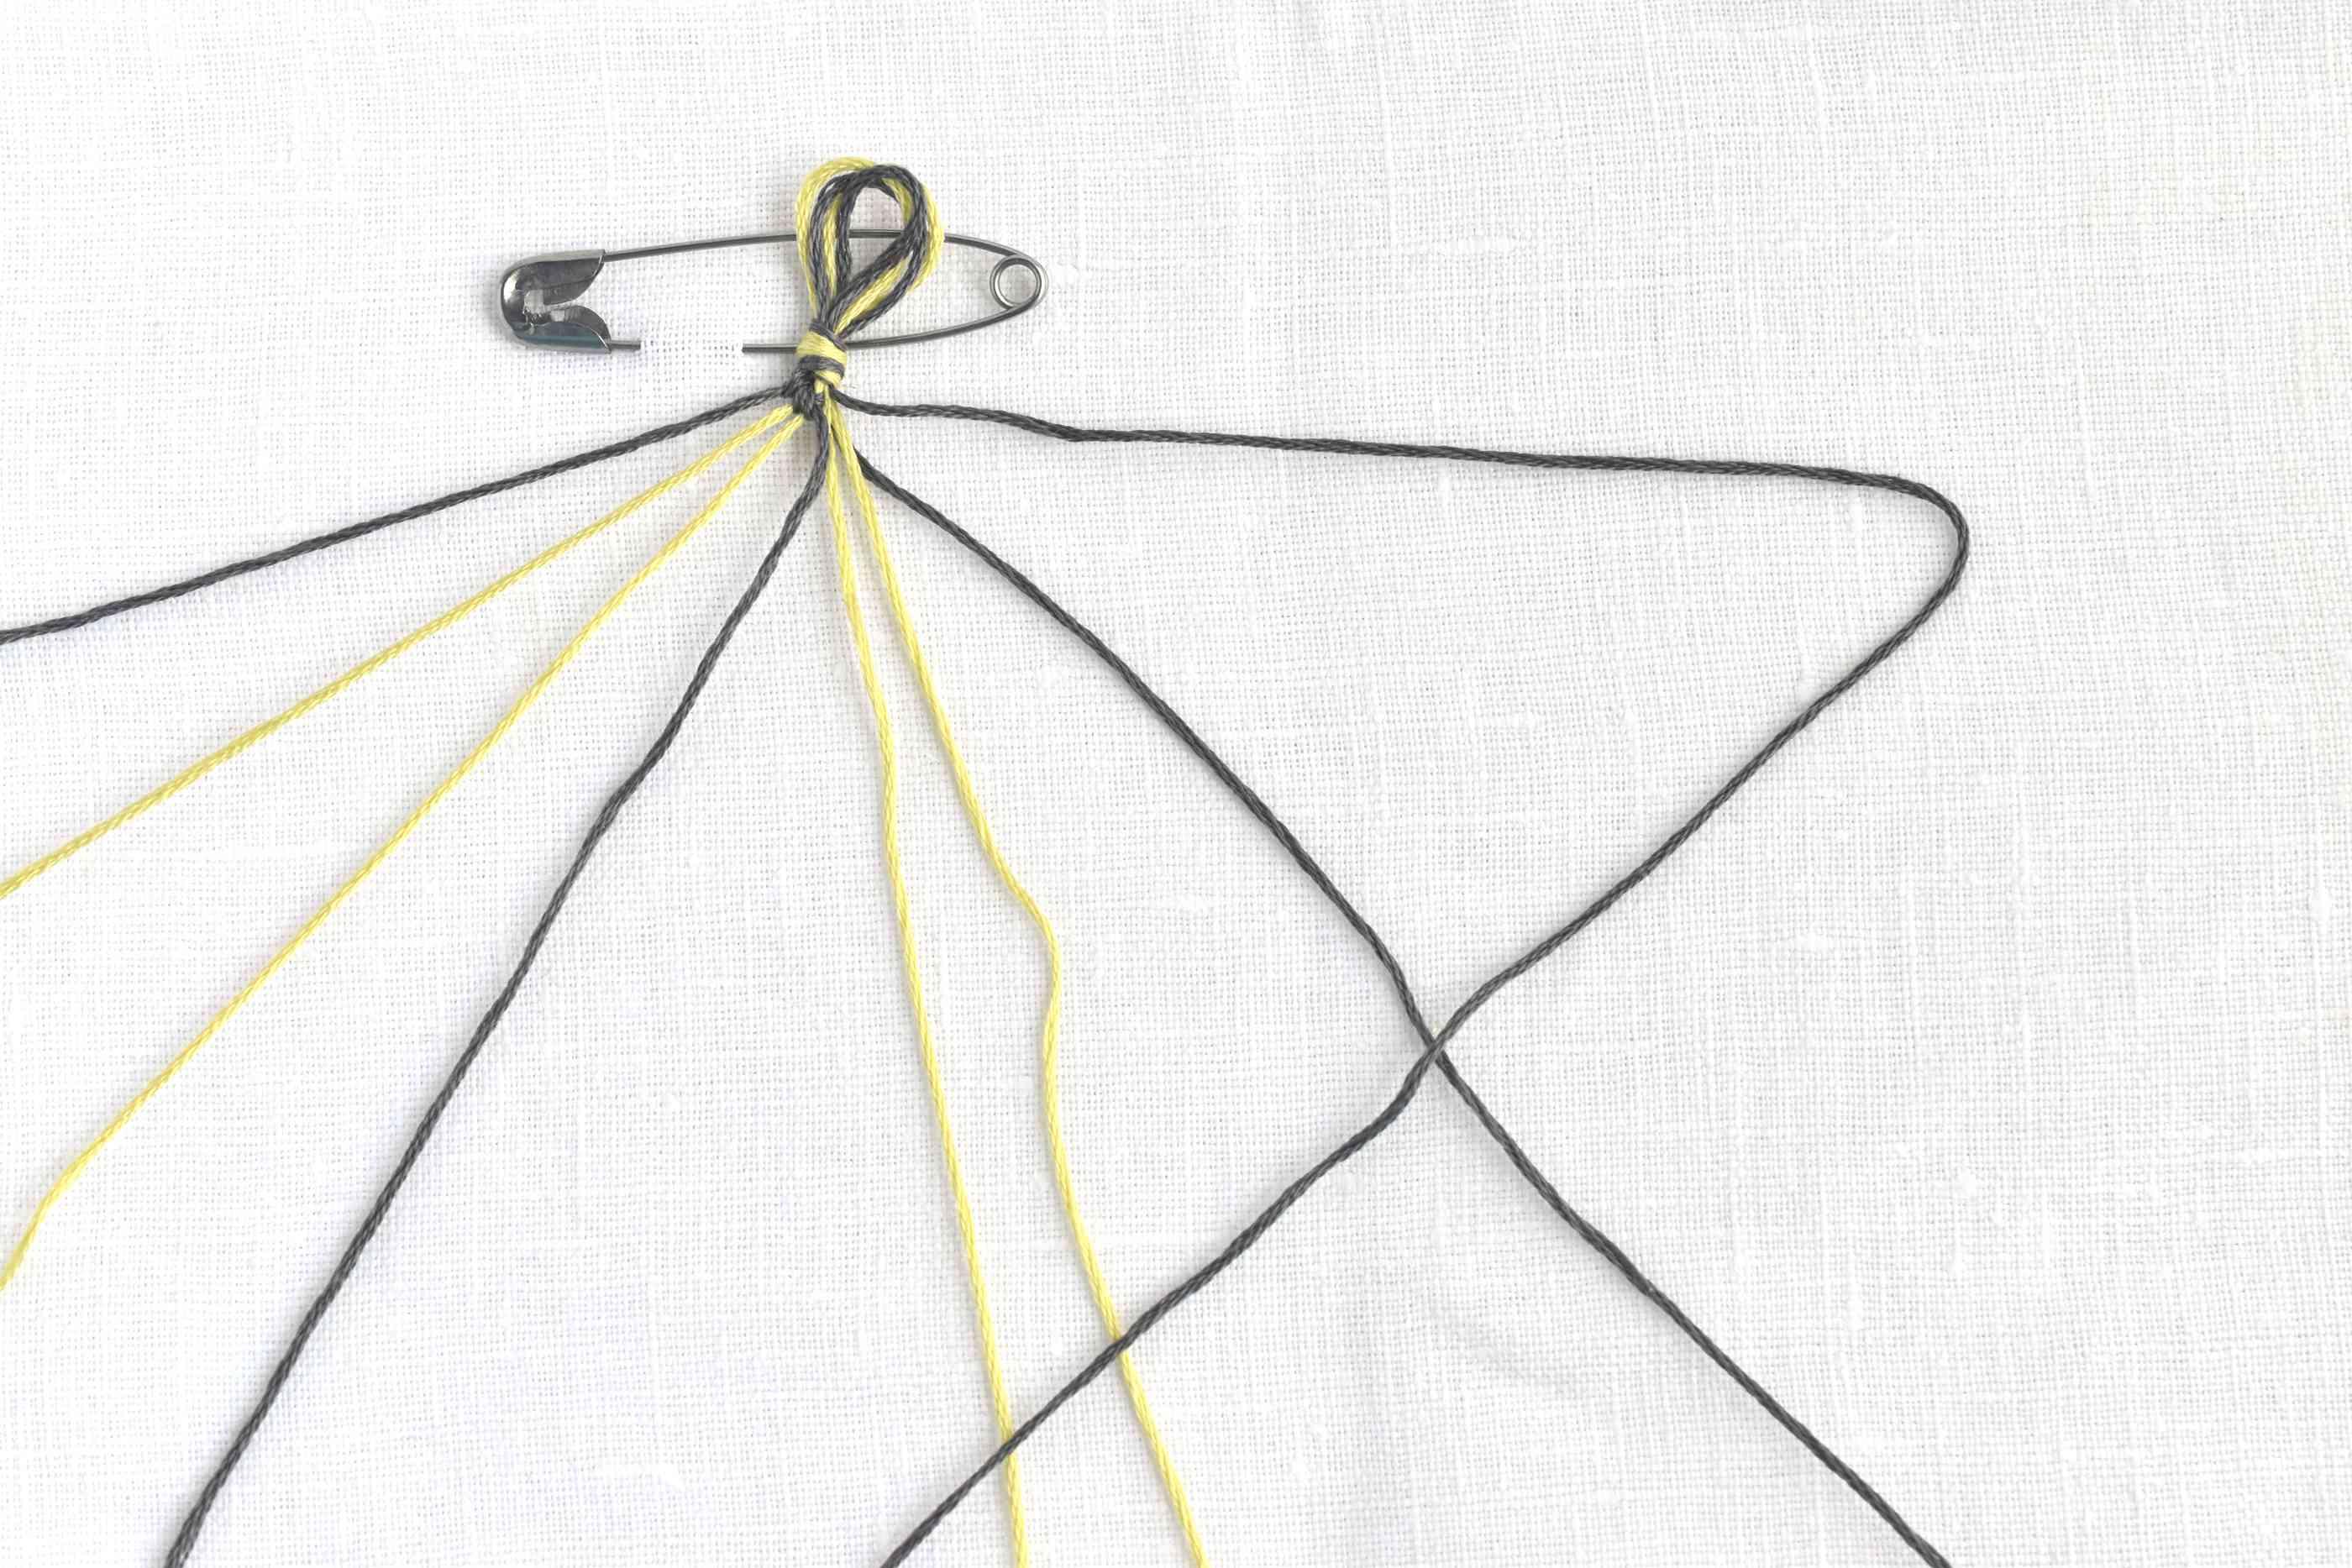 Make a backwards 4 to start a backwards knot